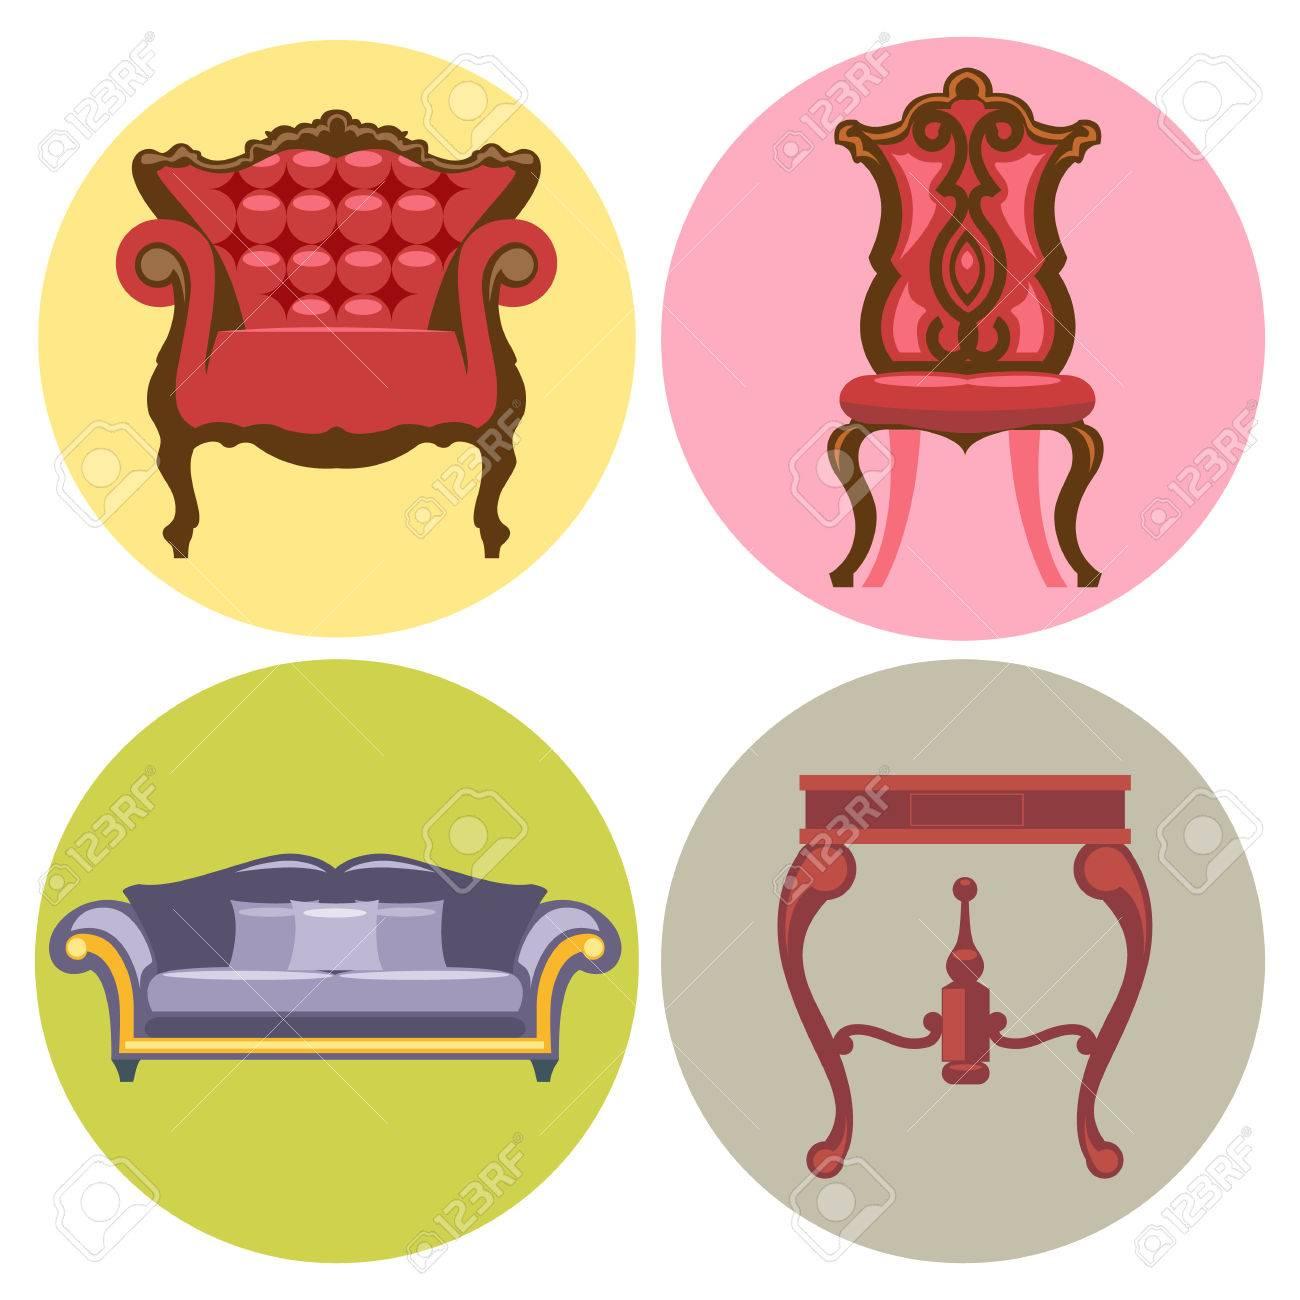 Juego De Muebles De Estilo Plano Sof Silla Mesa Cama Vector  # Muebles Digitales